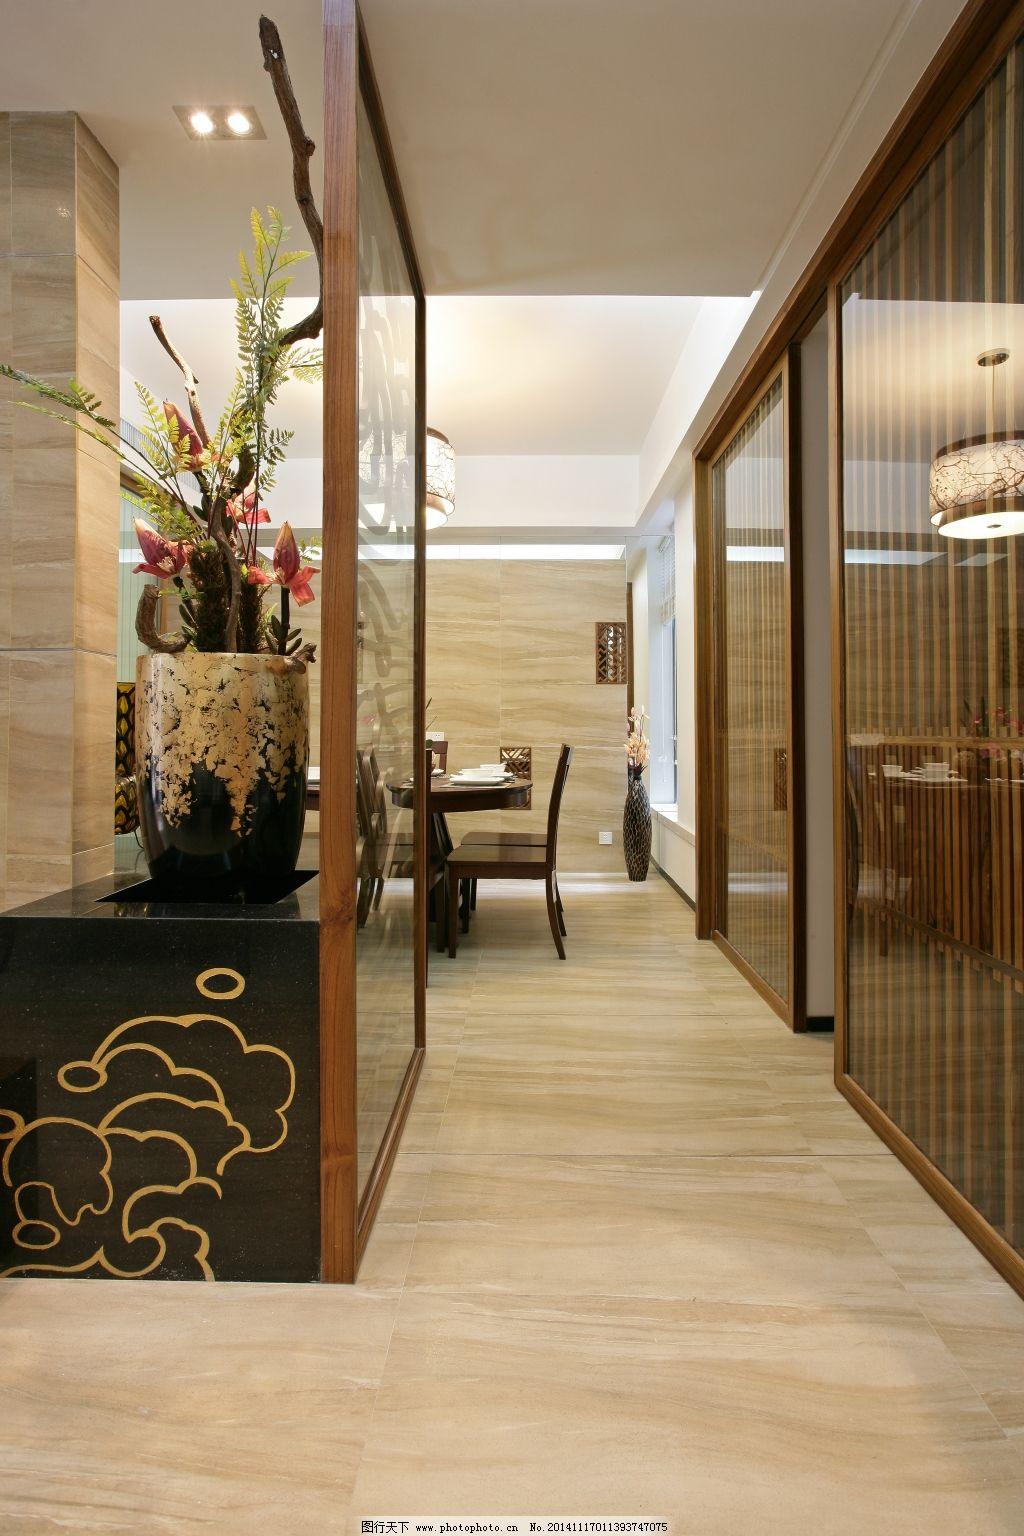 客厅门廊3d效果图 客厅门廊高清渲染图 家居装饰素材 室内设计